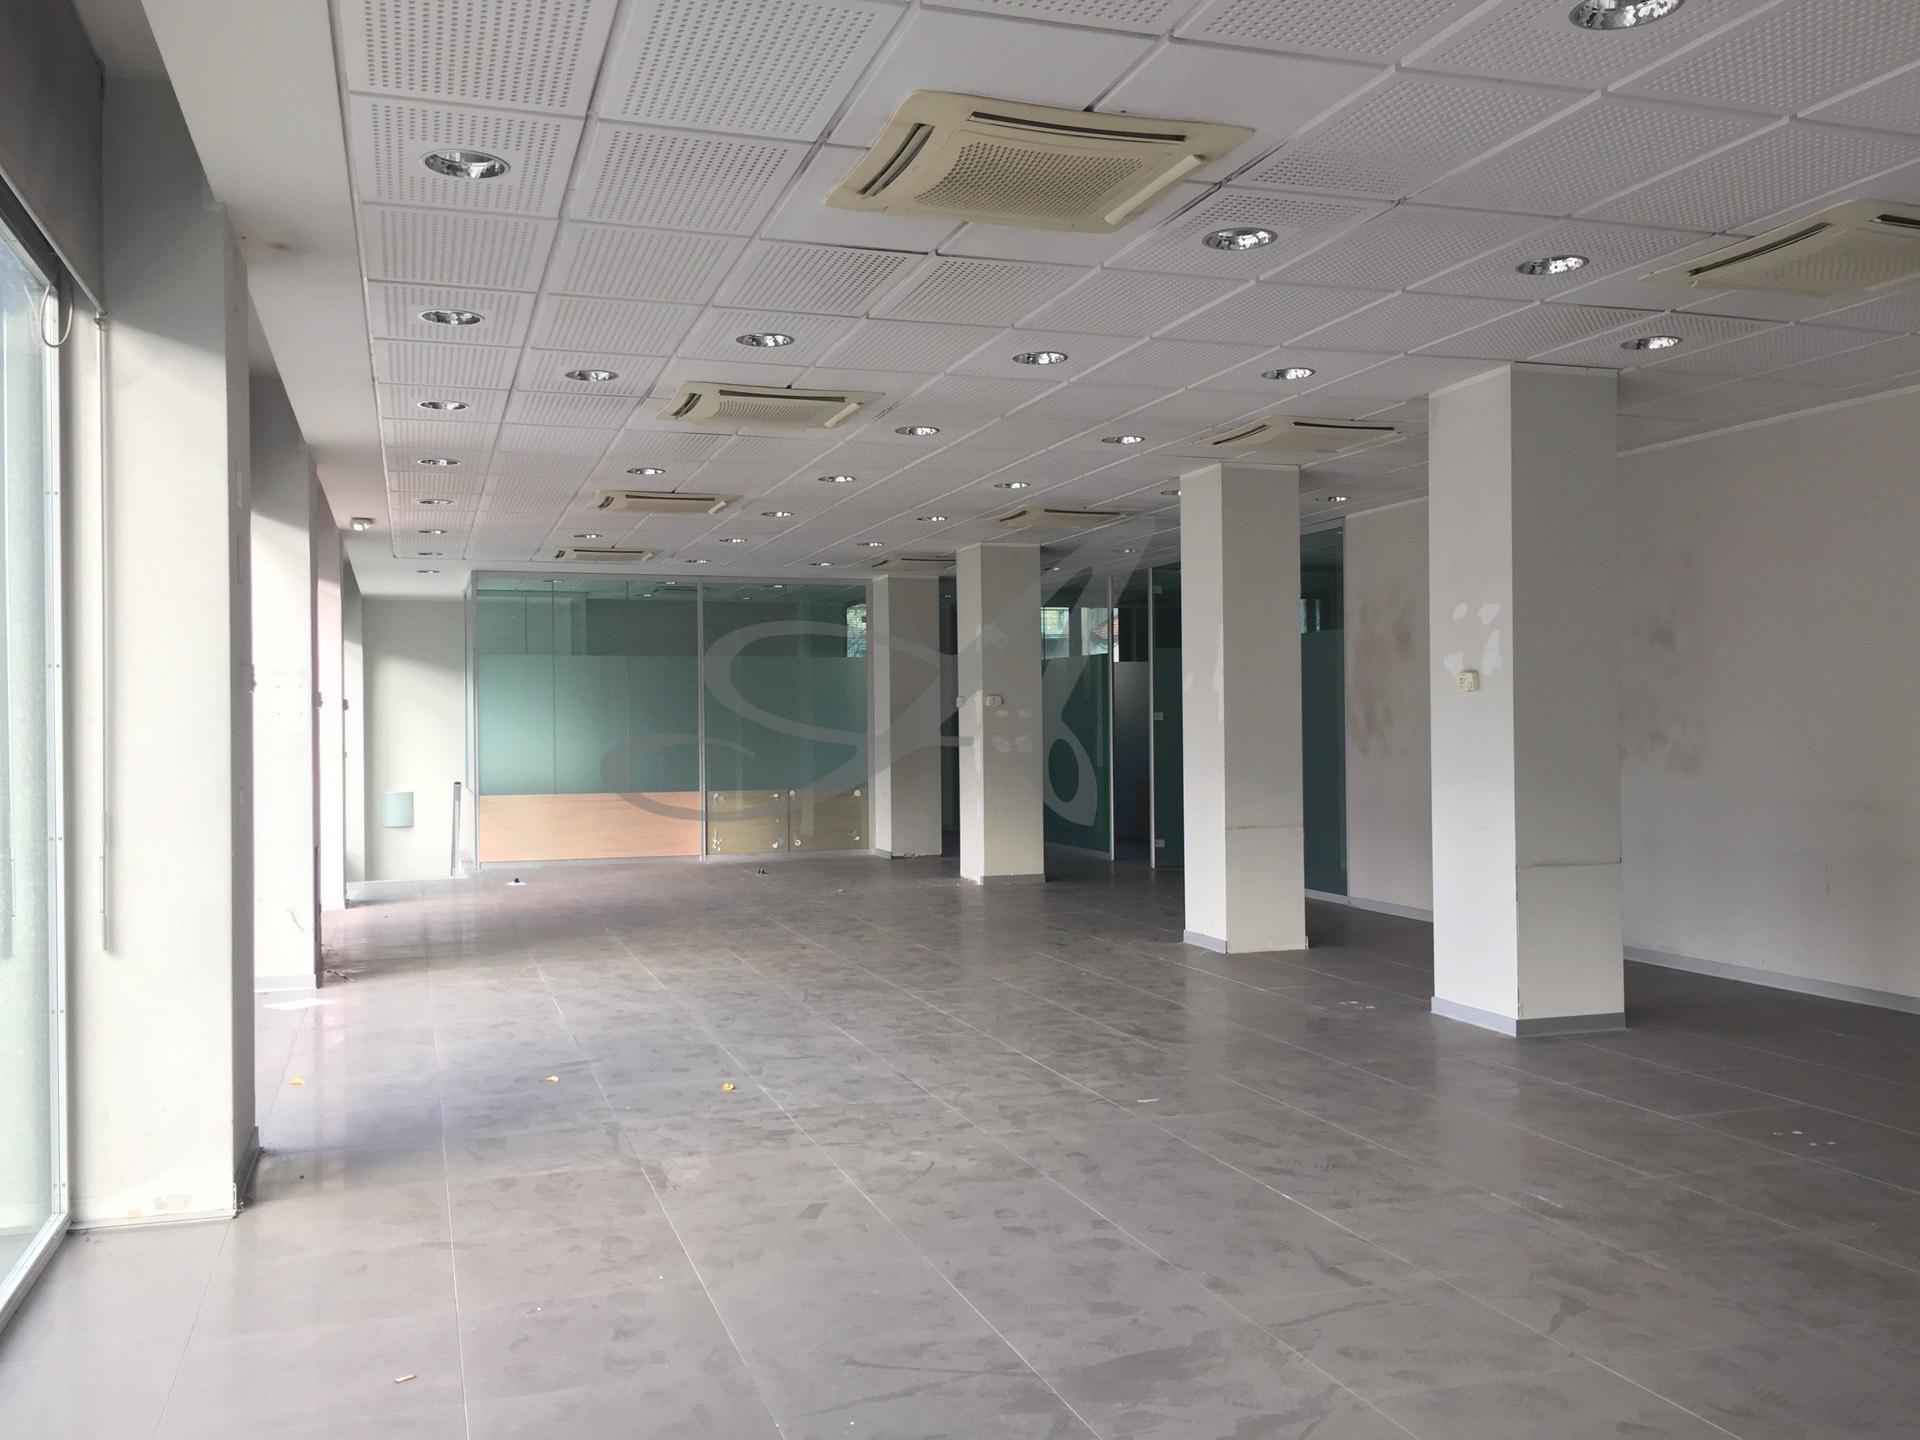 vendita ufficio milano ripamonti  770000 euro  303 mq